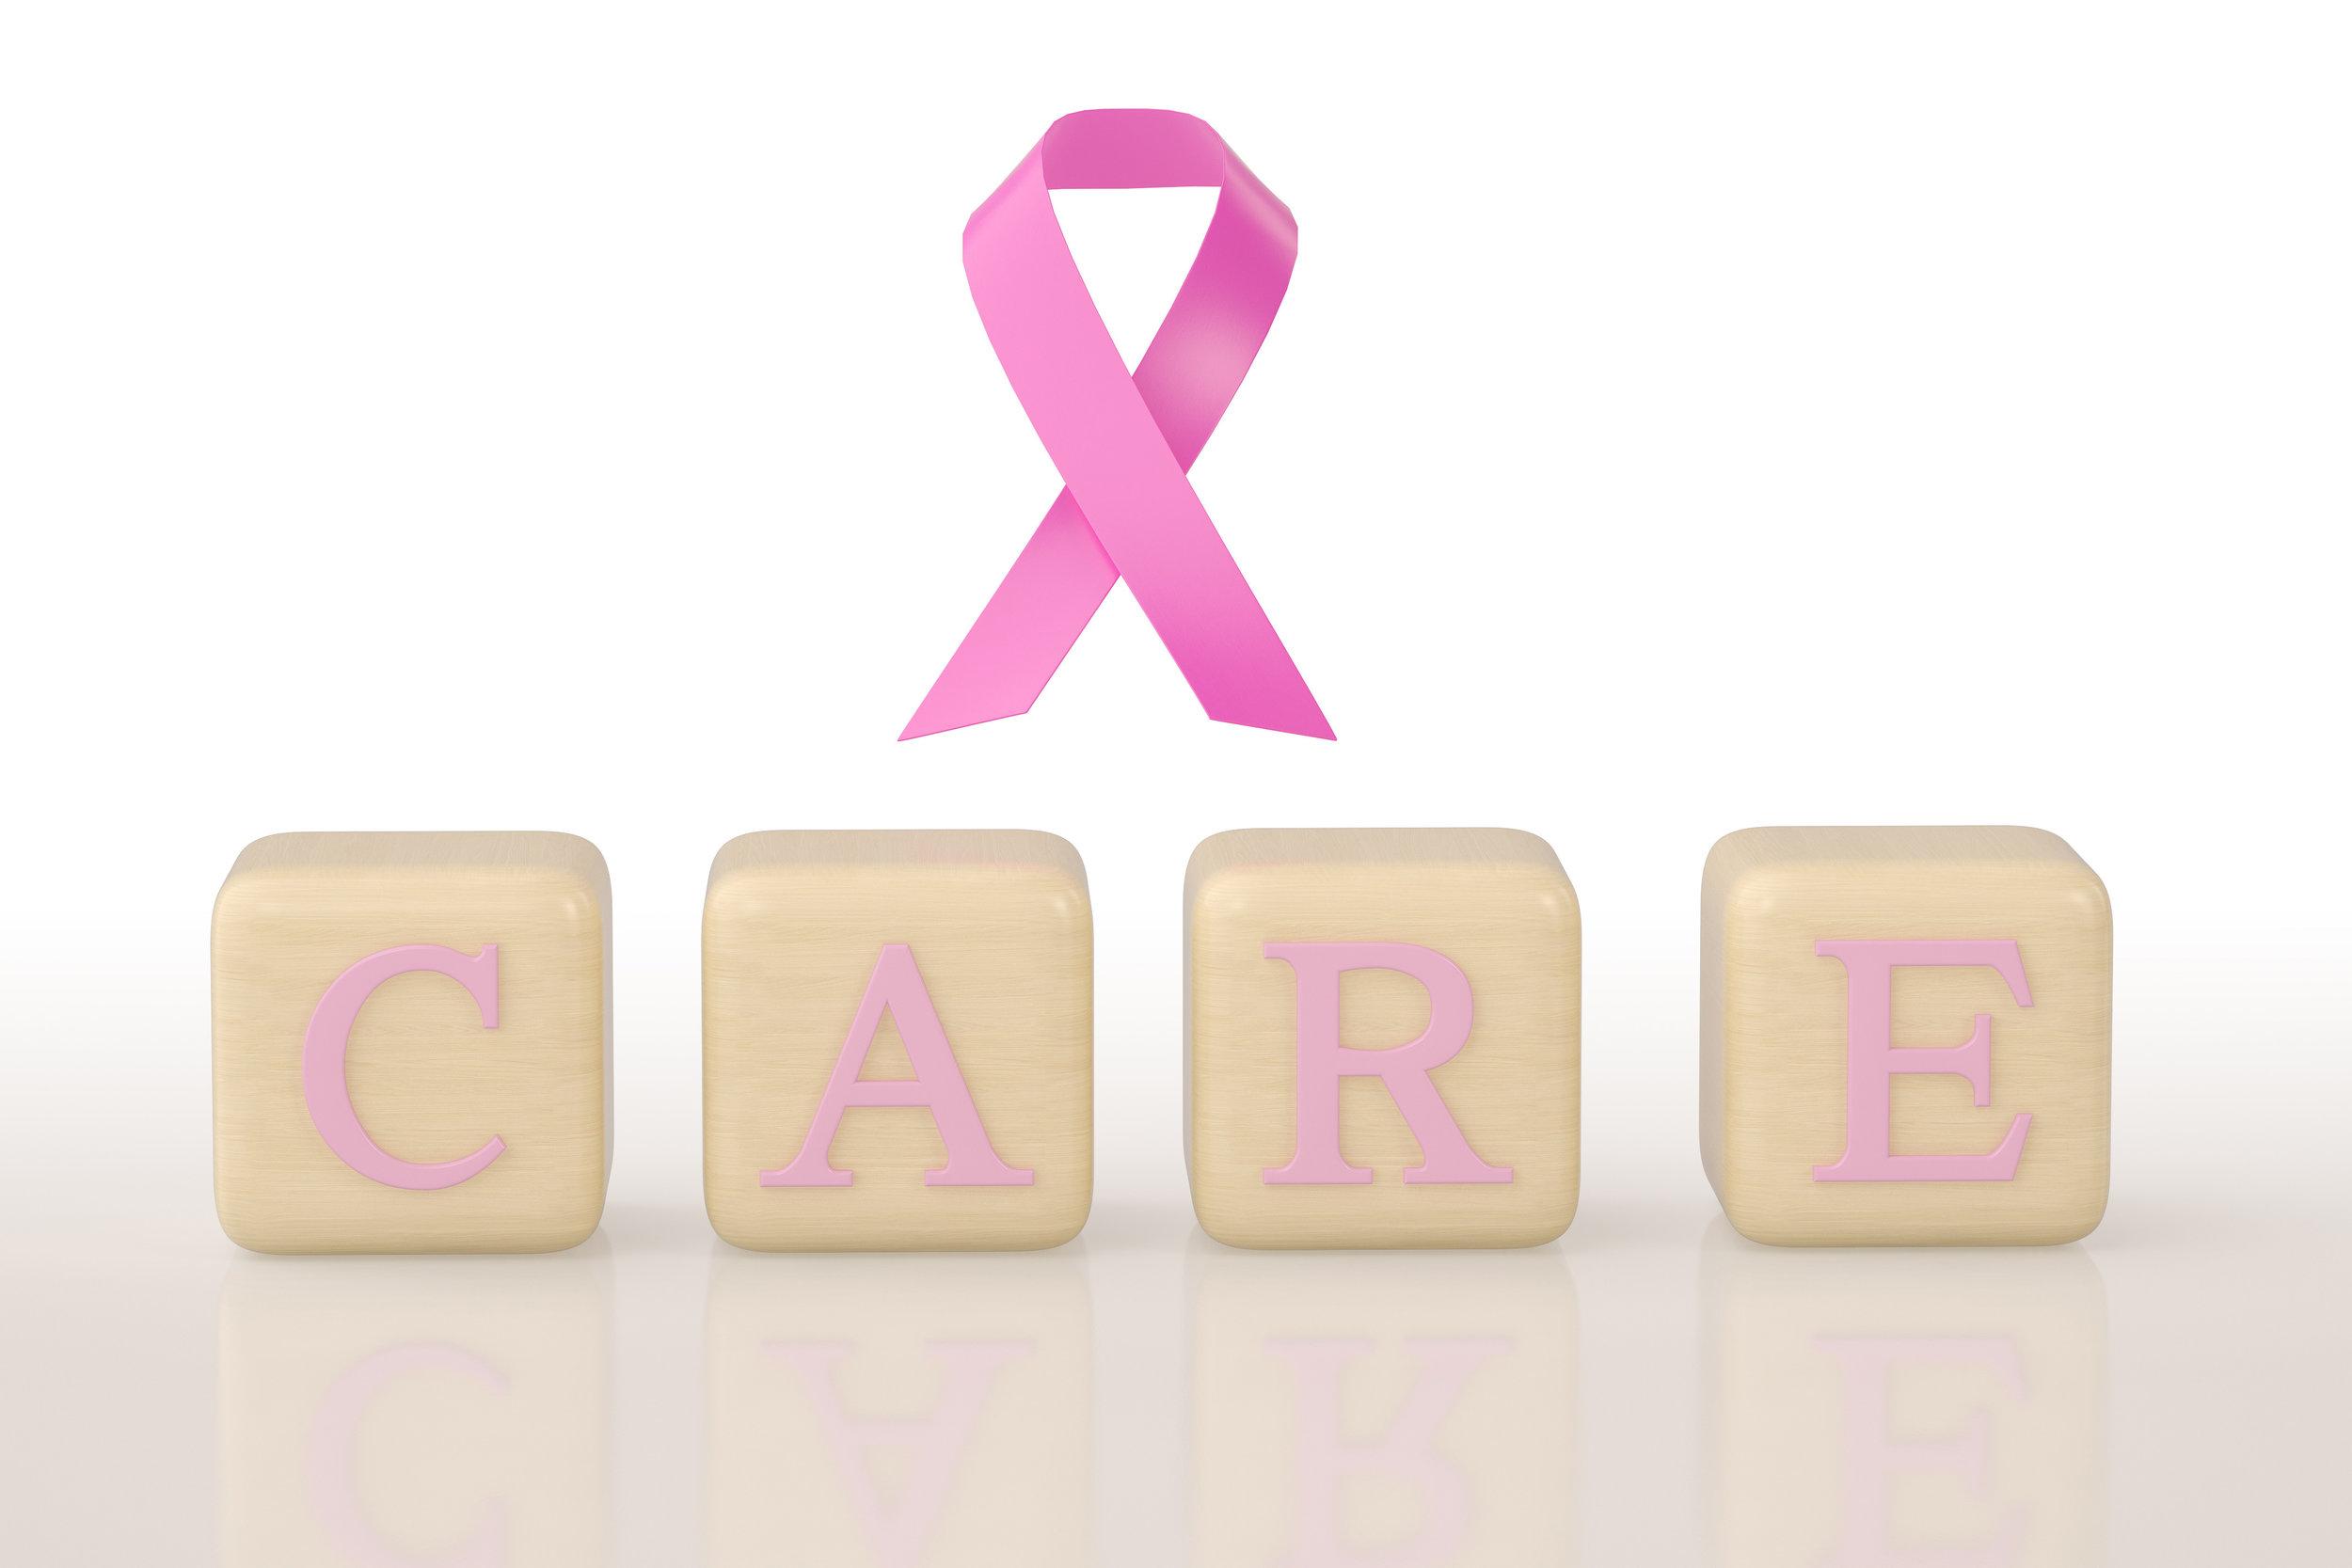 - Voici des suggestions de certaines patientes qui peuvent être modelées selon le besoin et désir de votre amie/ proche.